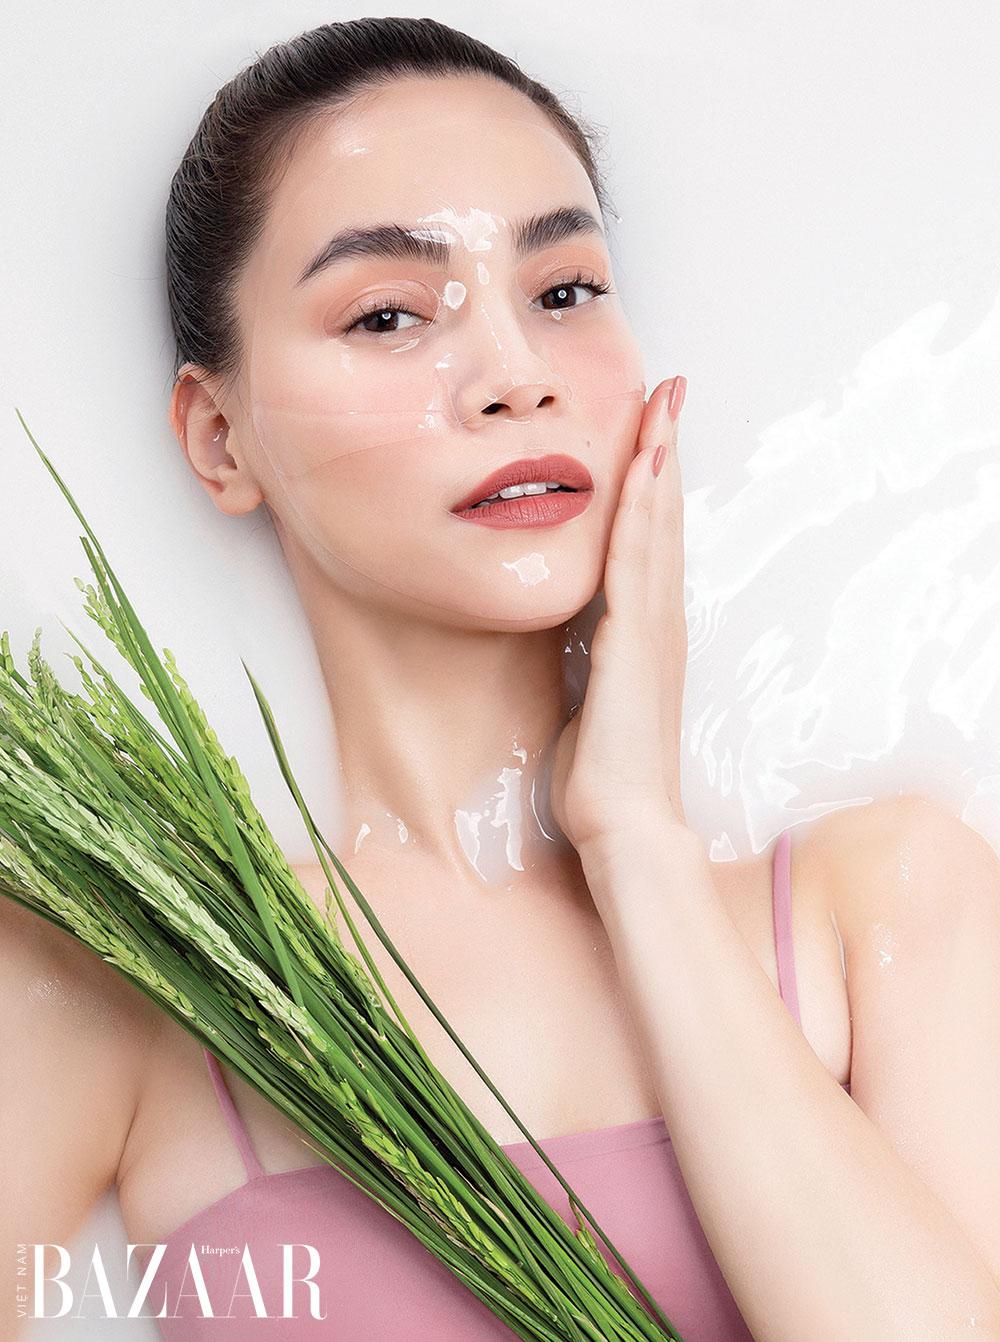 Ngoài việc chăm dưỡng da, bạn phải tăng cường thư giãn để kiểm soát các cảm xúc tiêu cực, để hiệu quả dưỡng da thêm tốt. Ảnh: M.O.I Cosmetics